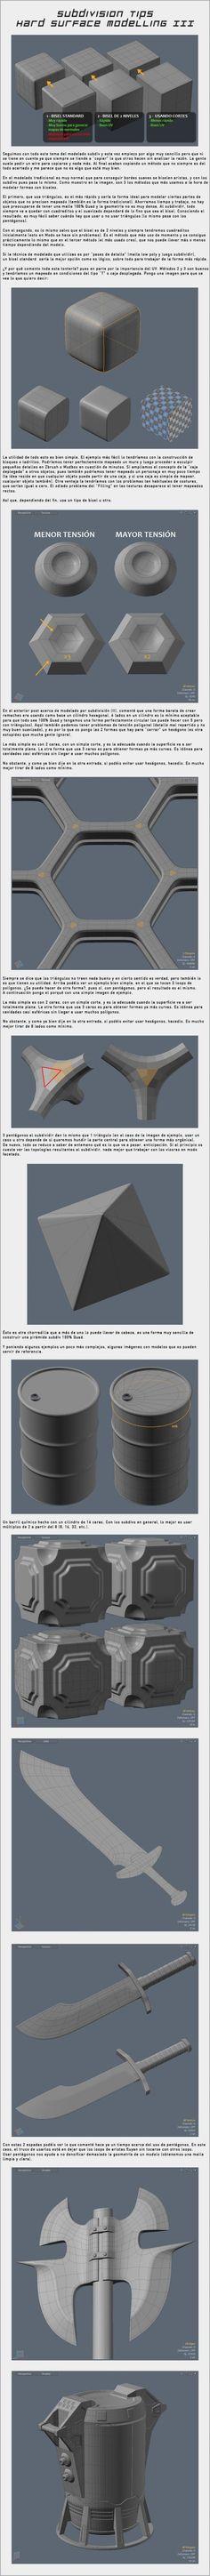 하드 서페이스 모델링 패턴. : 네이버 블로그